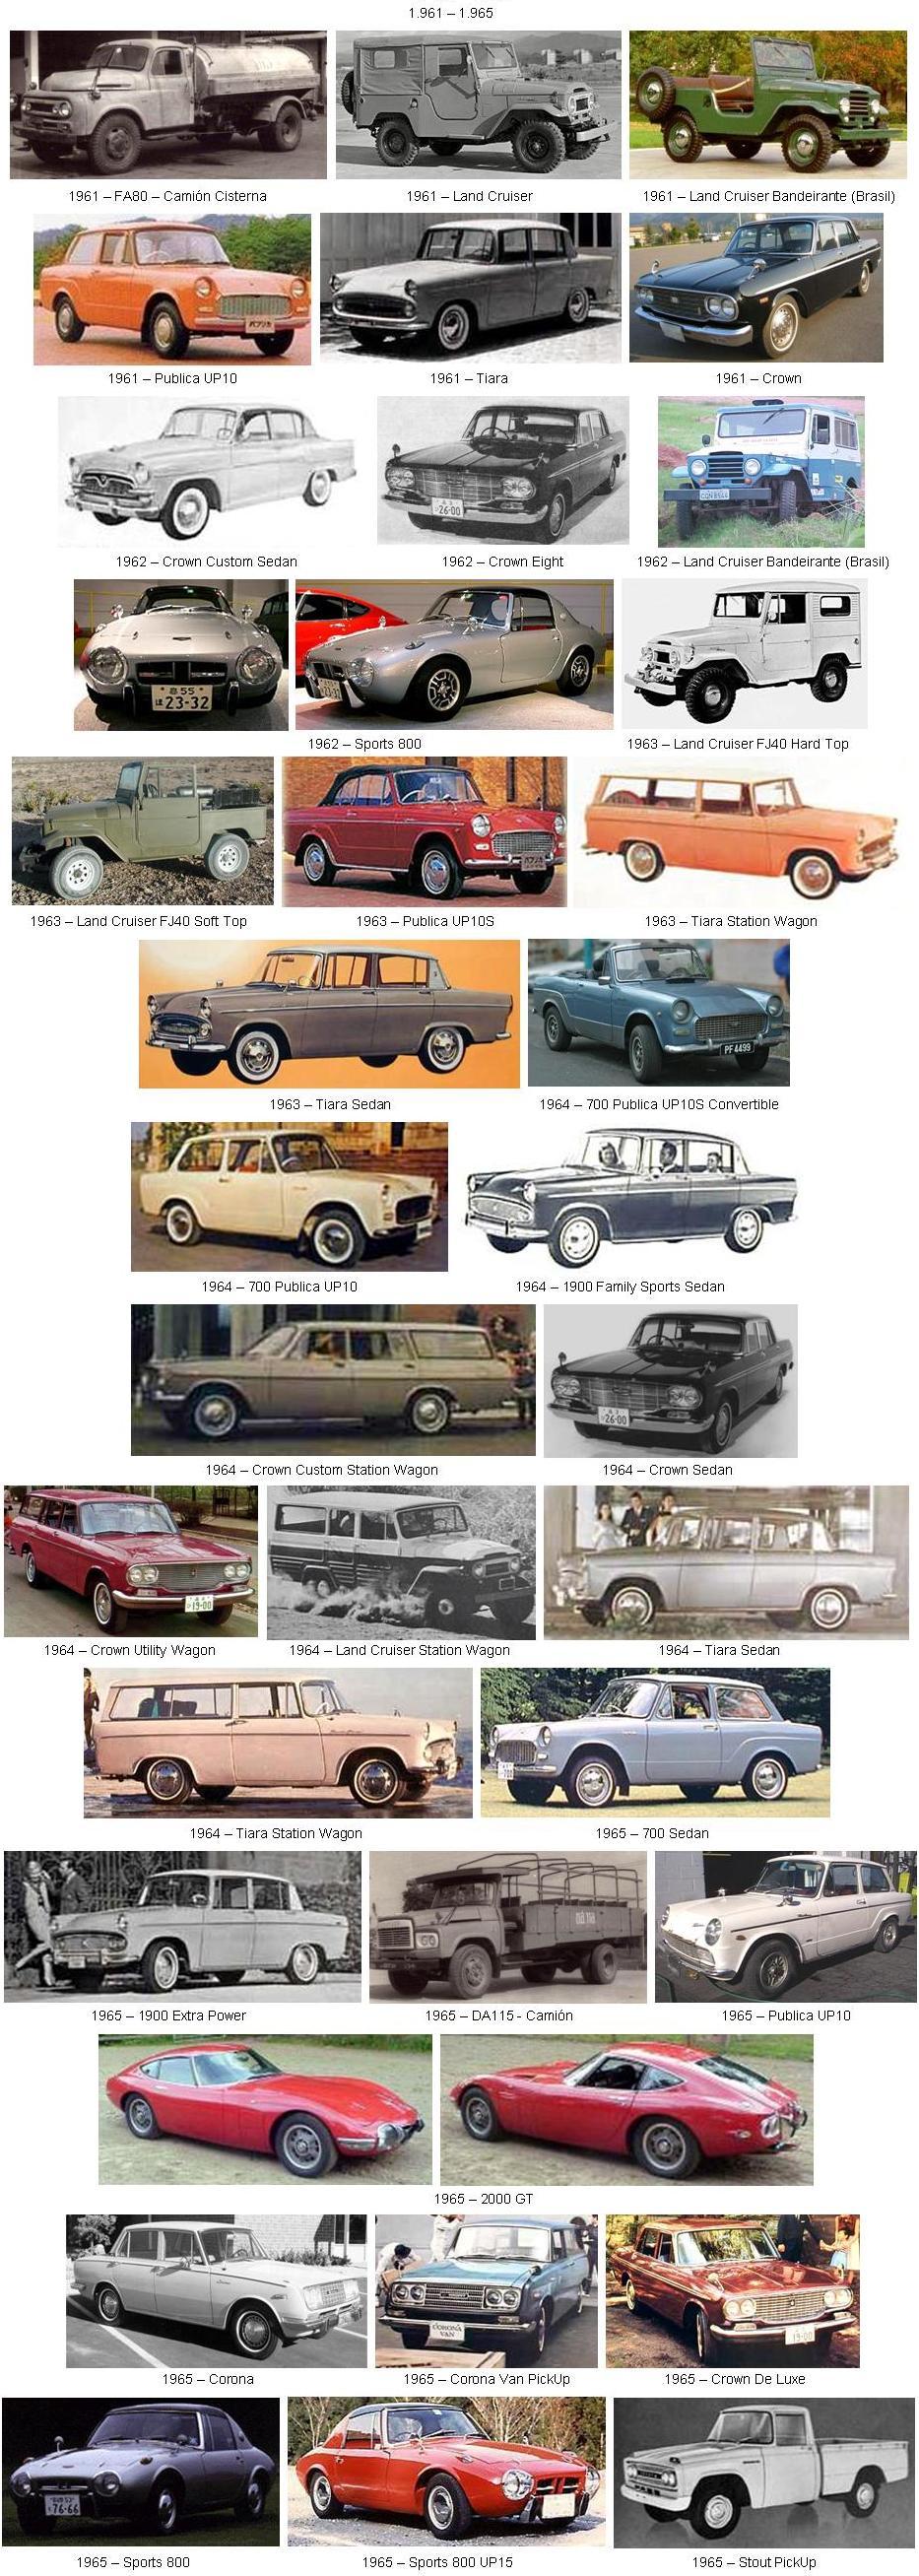 Imagenes de todos los modelos Toyota hasta 2006 y breve ...